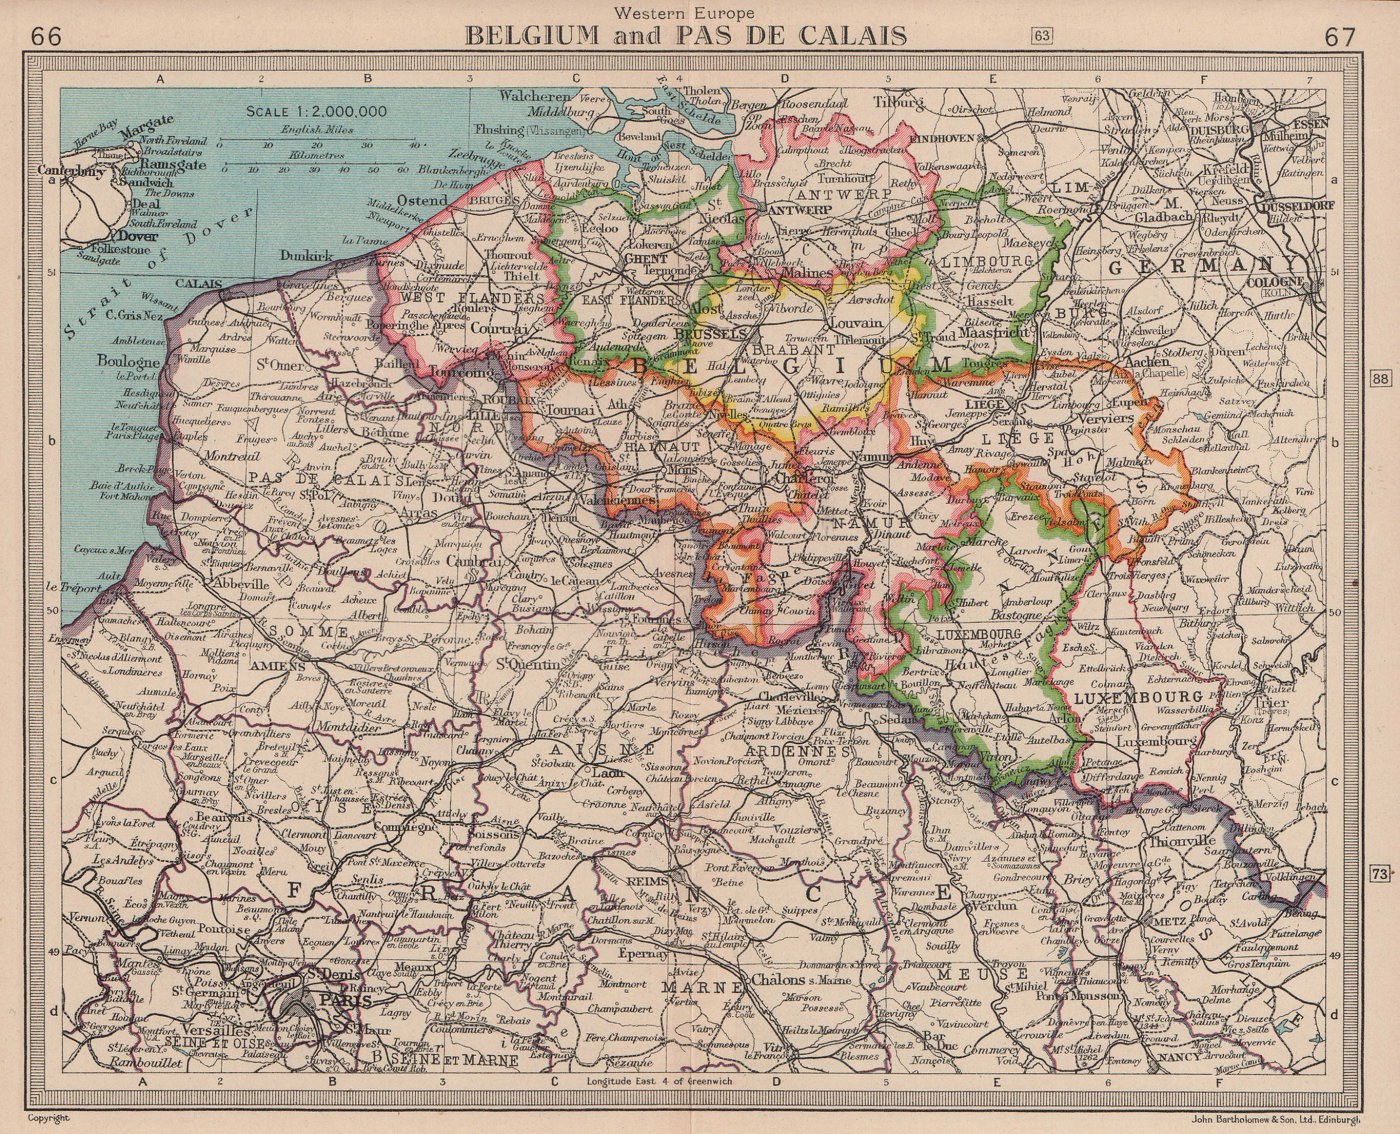 Belgium & North-east France. Hauts-de-France. BARTHOLOMEW 1949 old vintage map